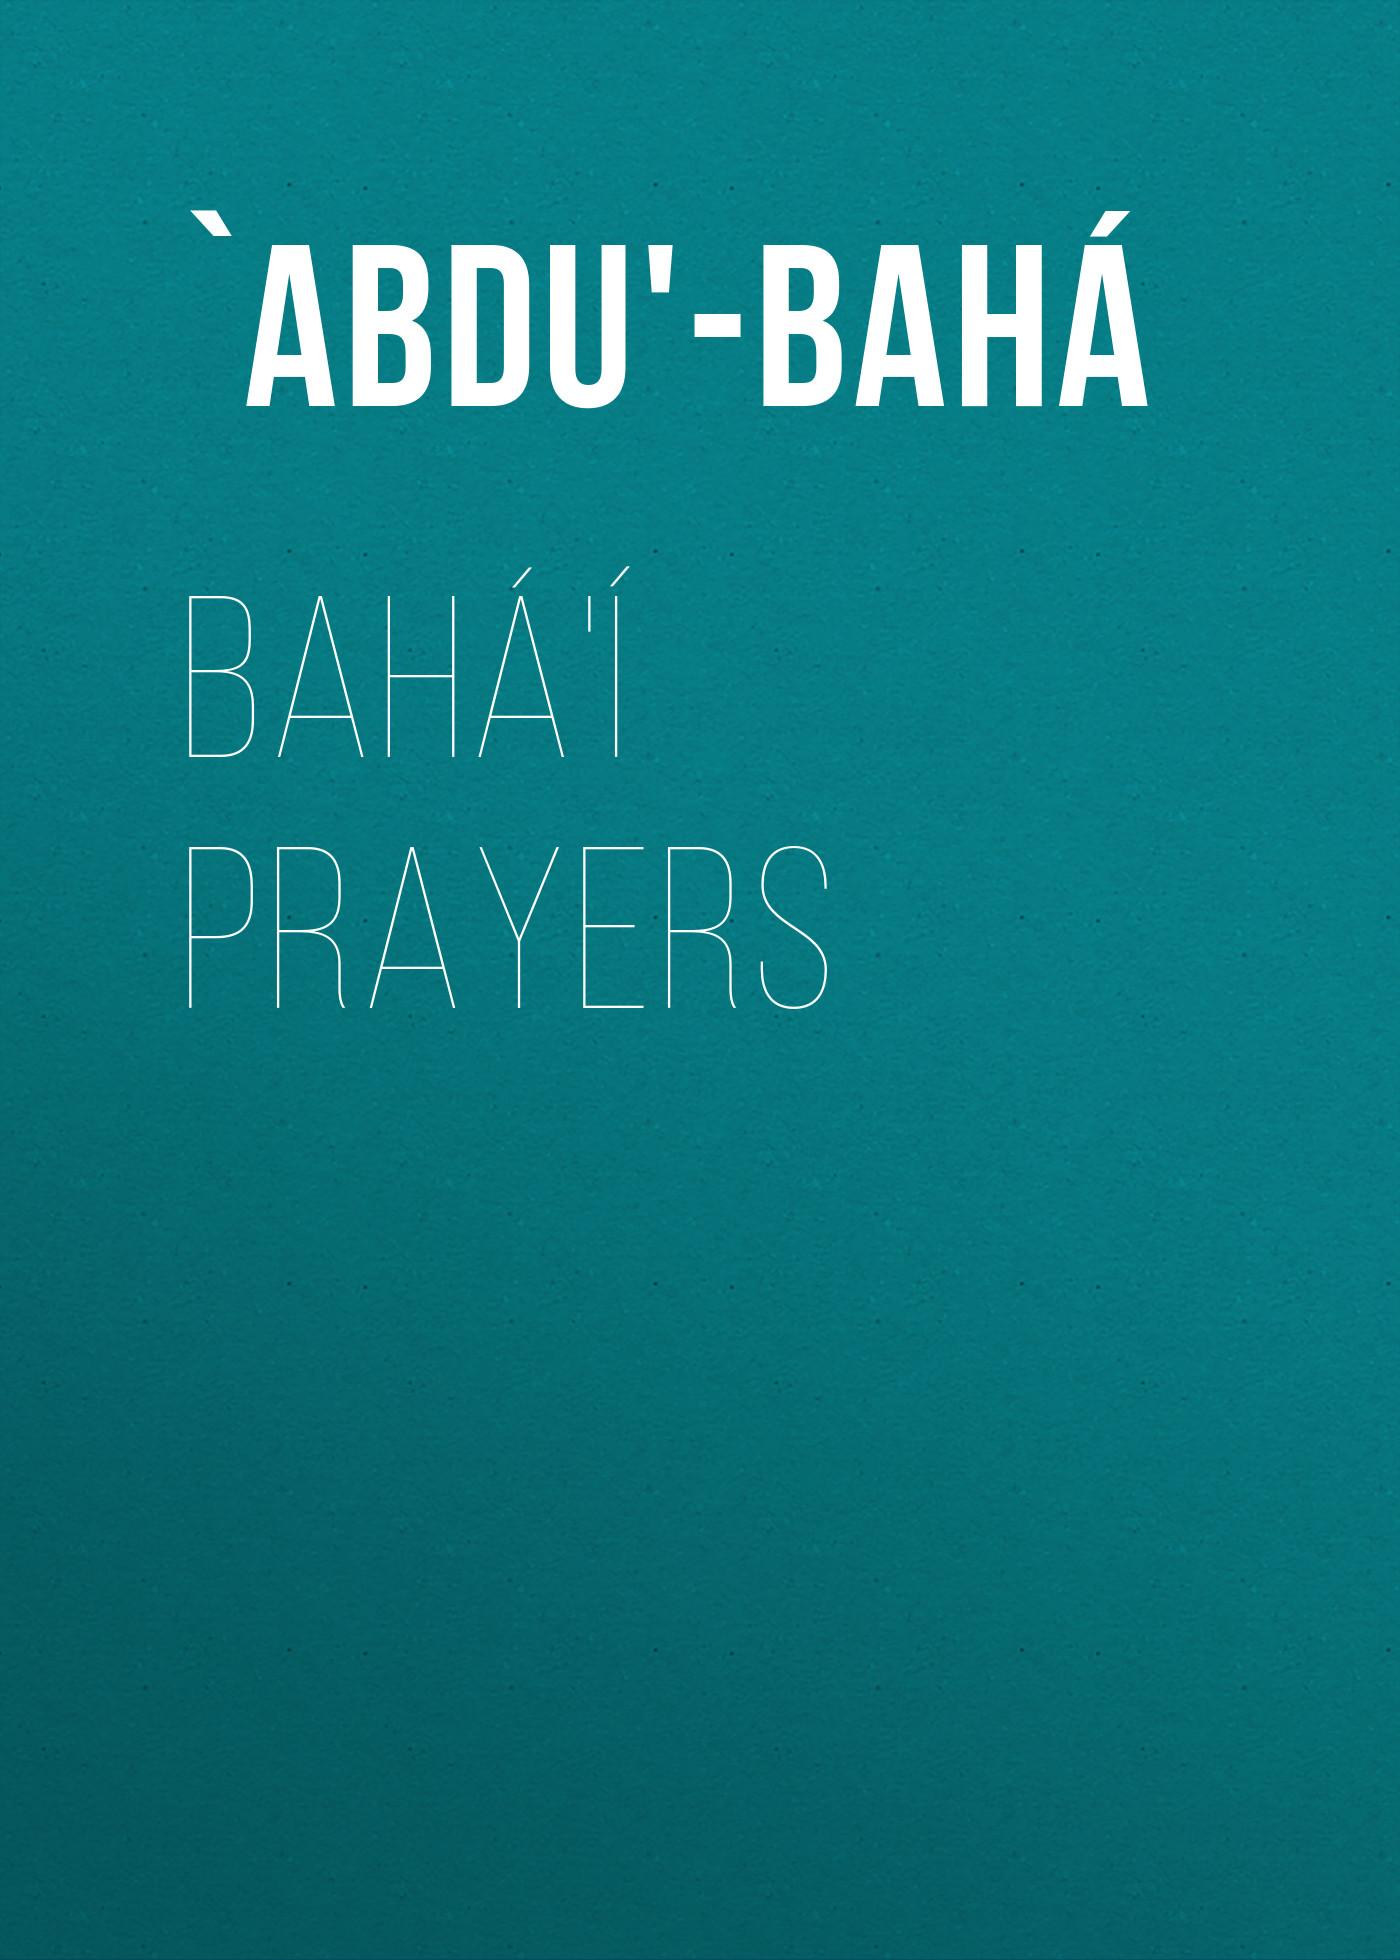 Bahá'í Prayers – `Abdu'-Bahá